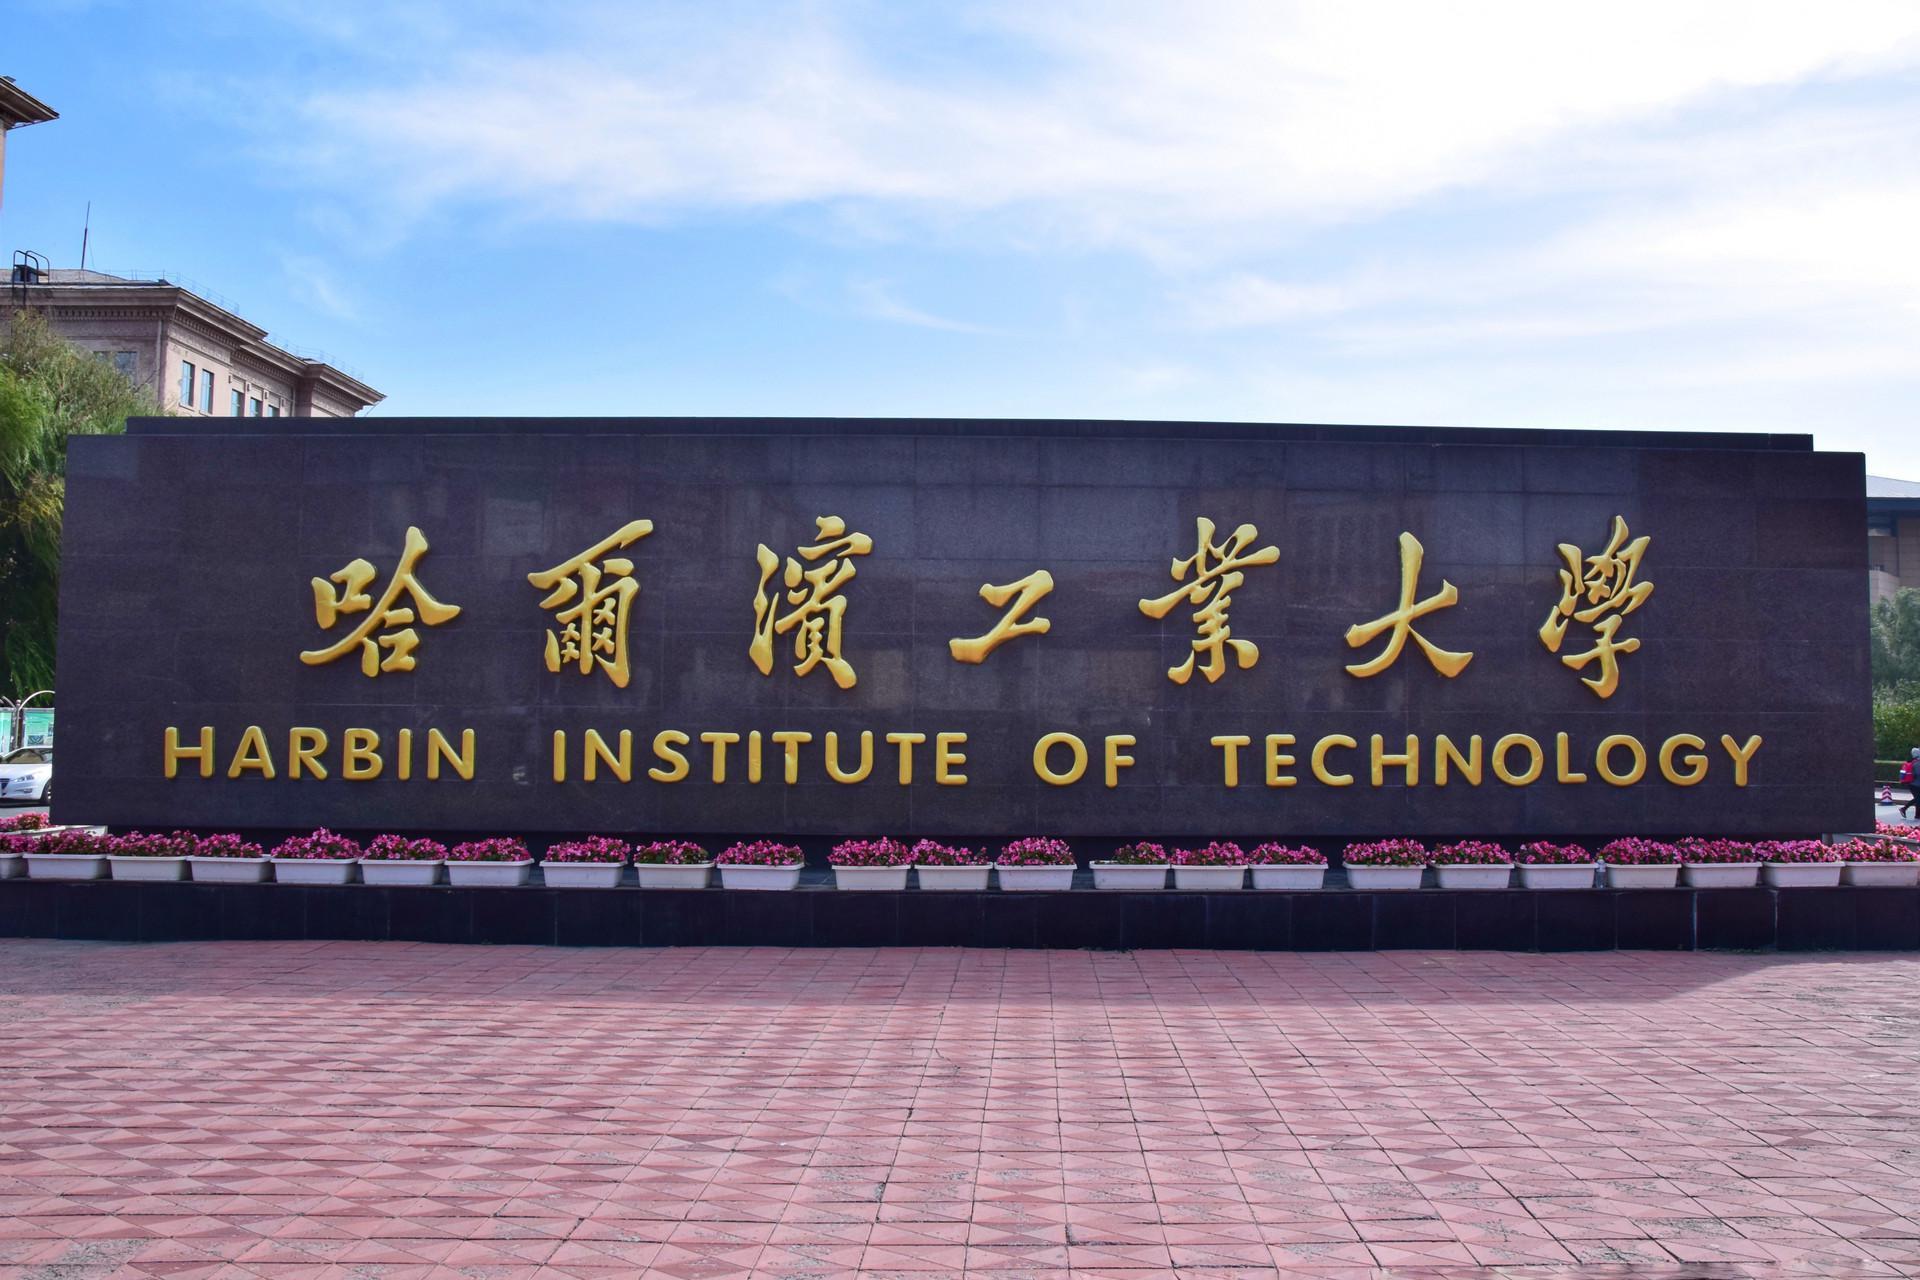 东北三省最难考的7所大学,一半以上是工科类!不亏为老工业基地